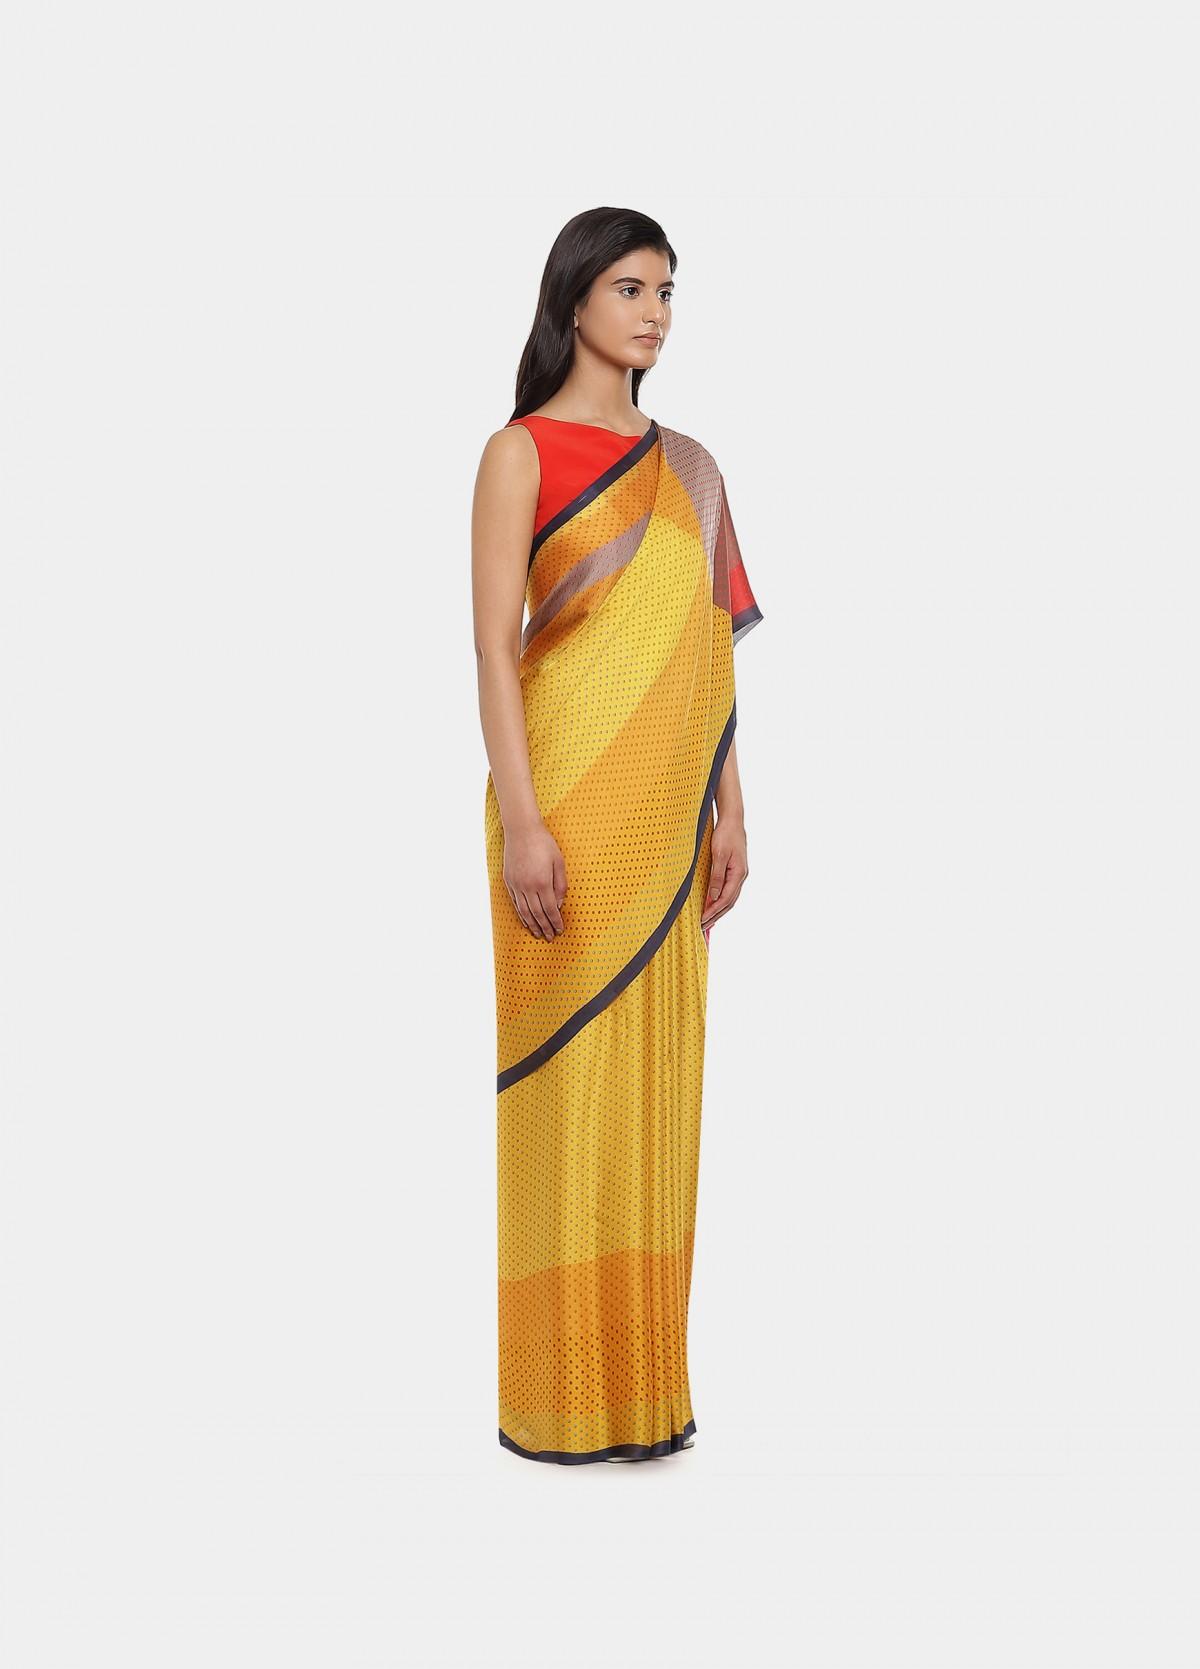 The Yellow Submarine Sari